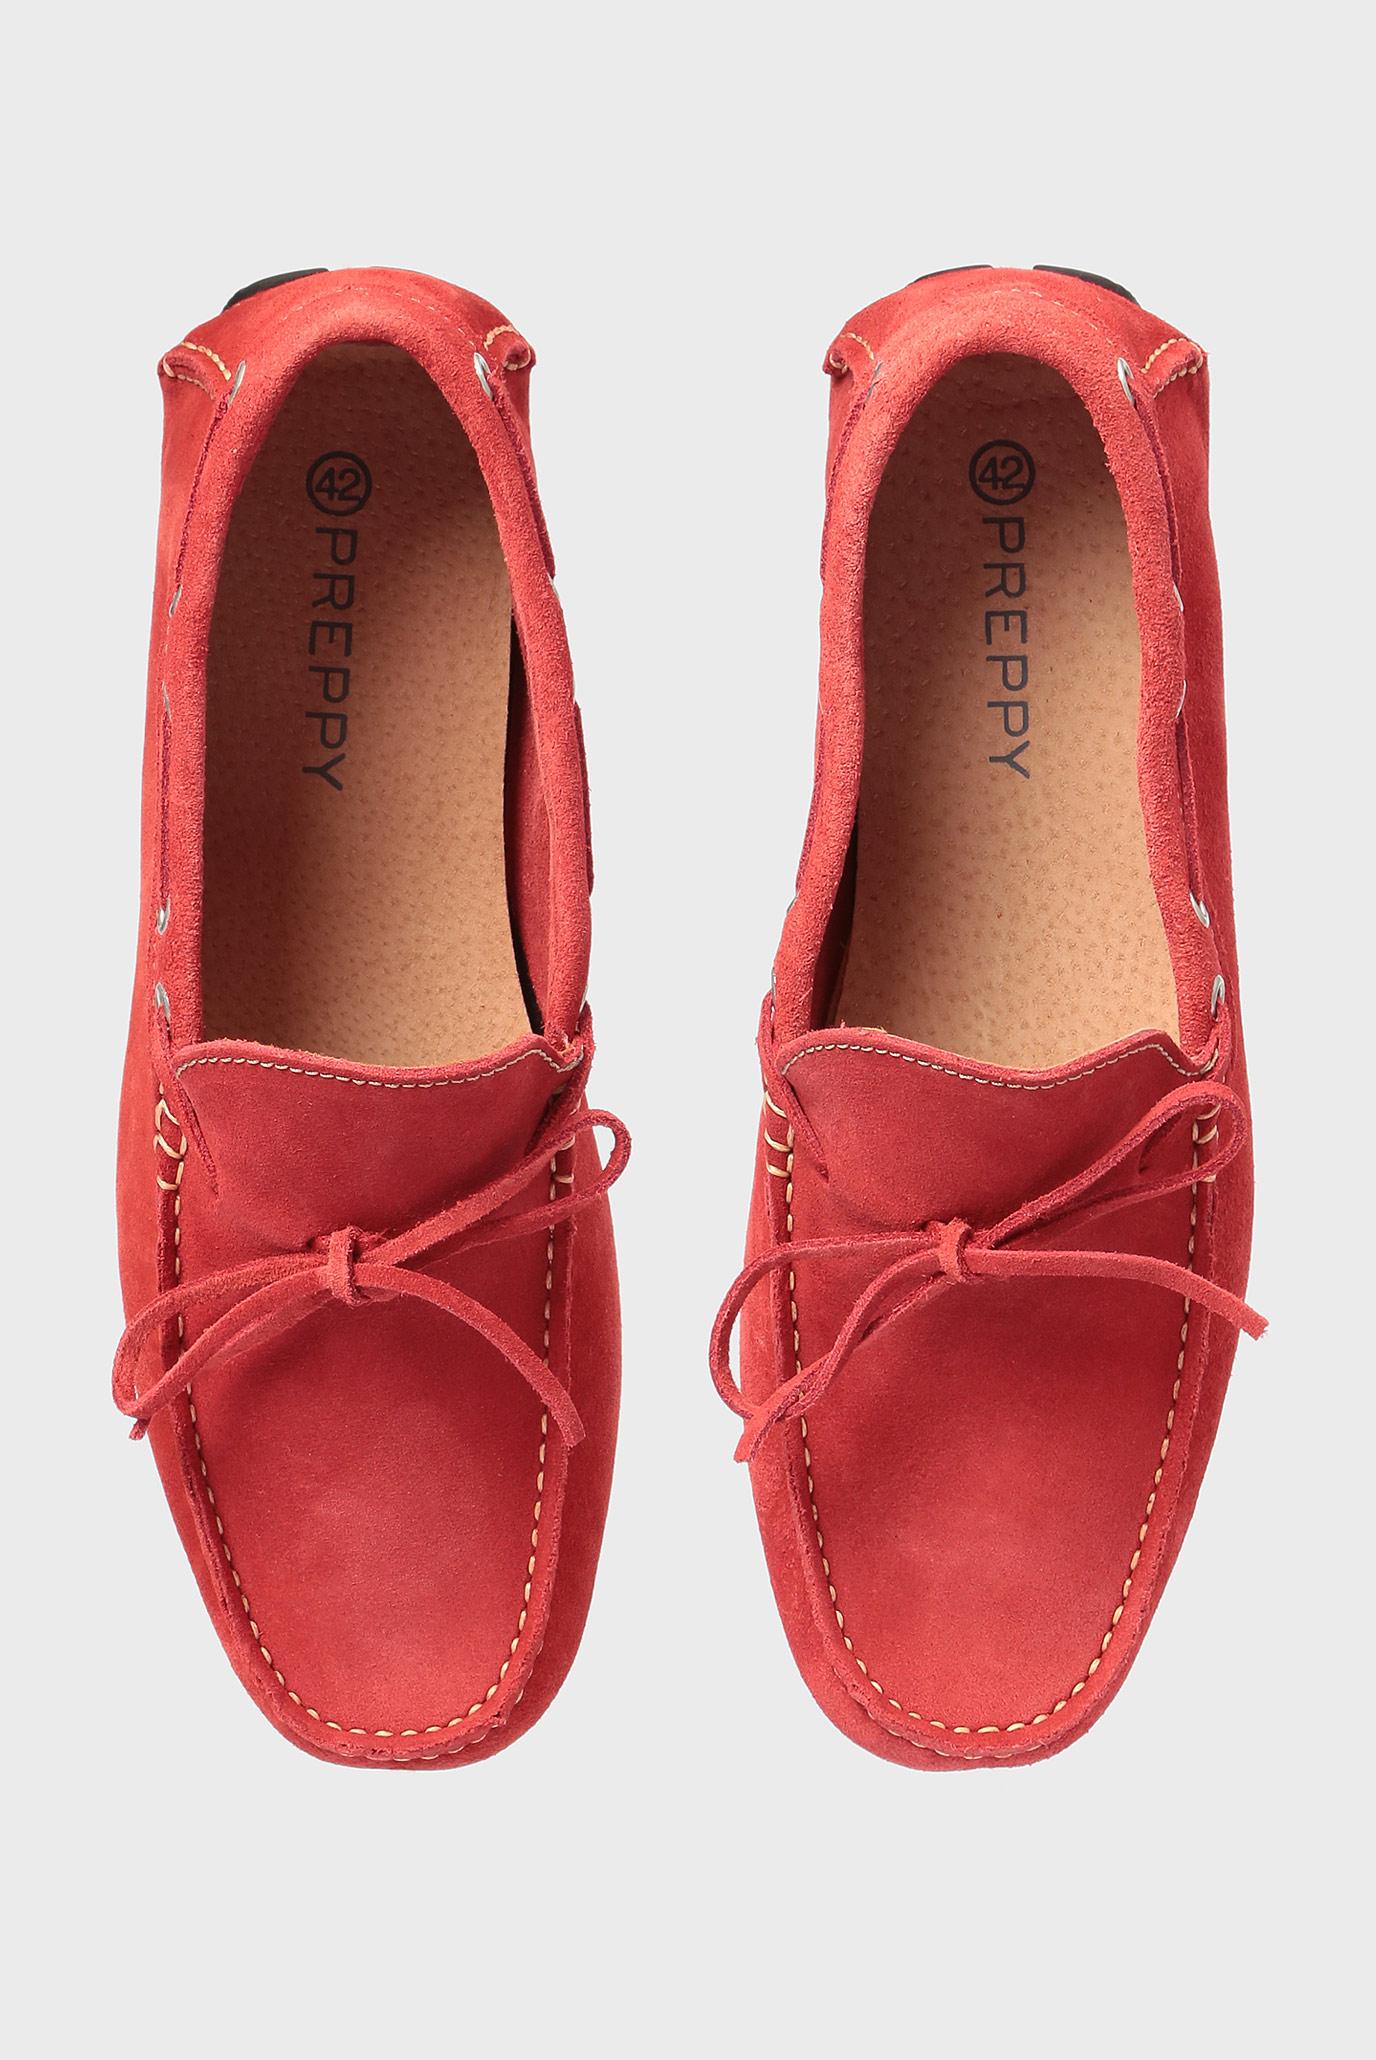 Купить Мужские красные замшевые мокасины Preppy Preppy 6.34.32300.417 – Киев, Украина. Цены в интернет магазине MD Fashion